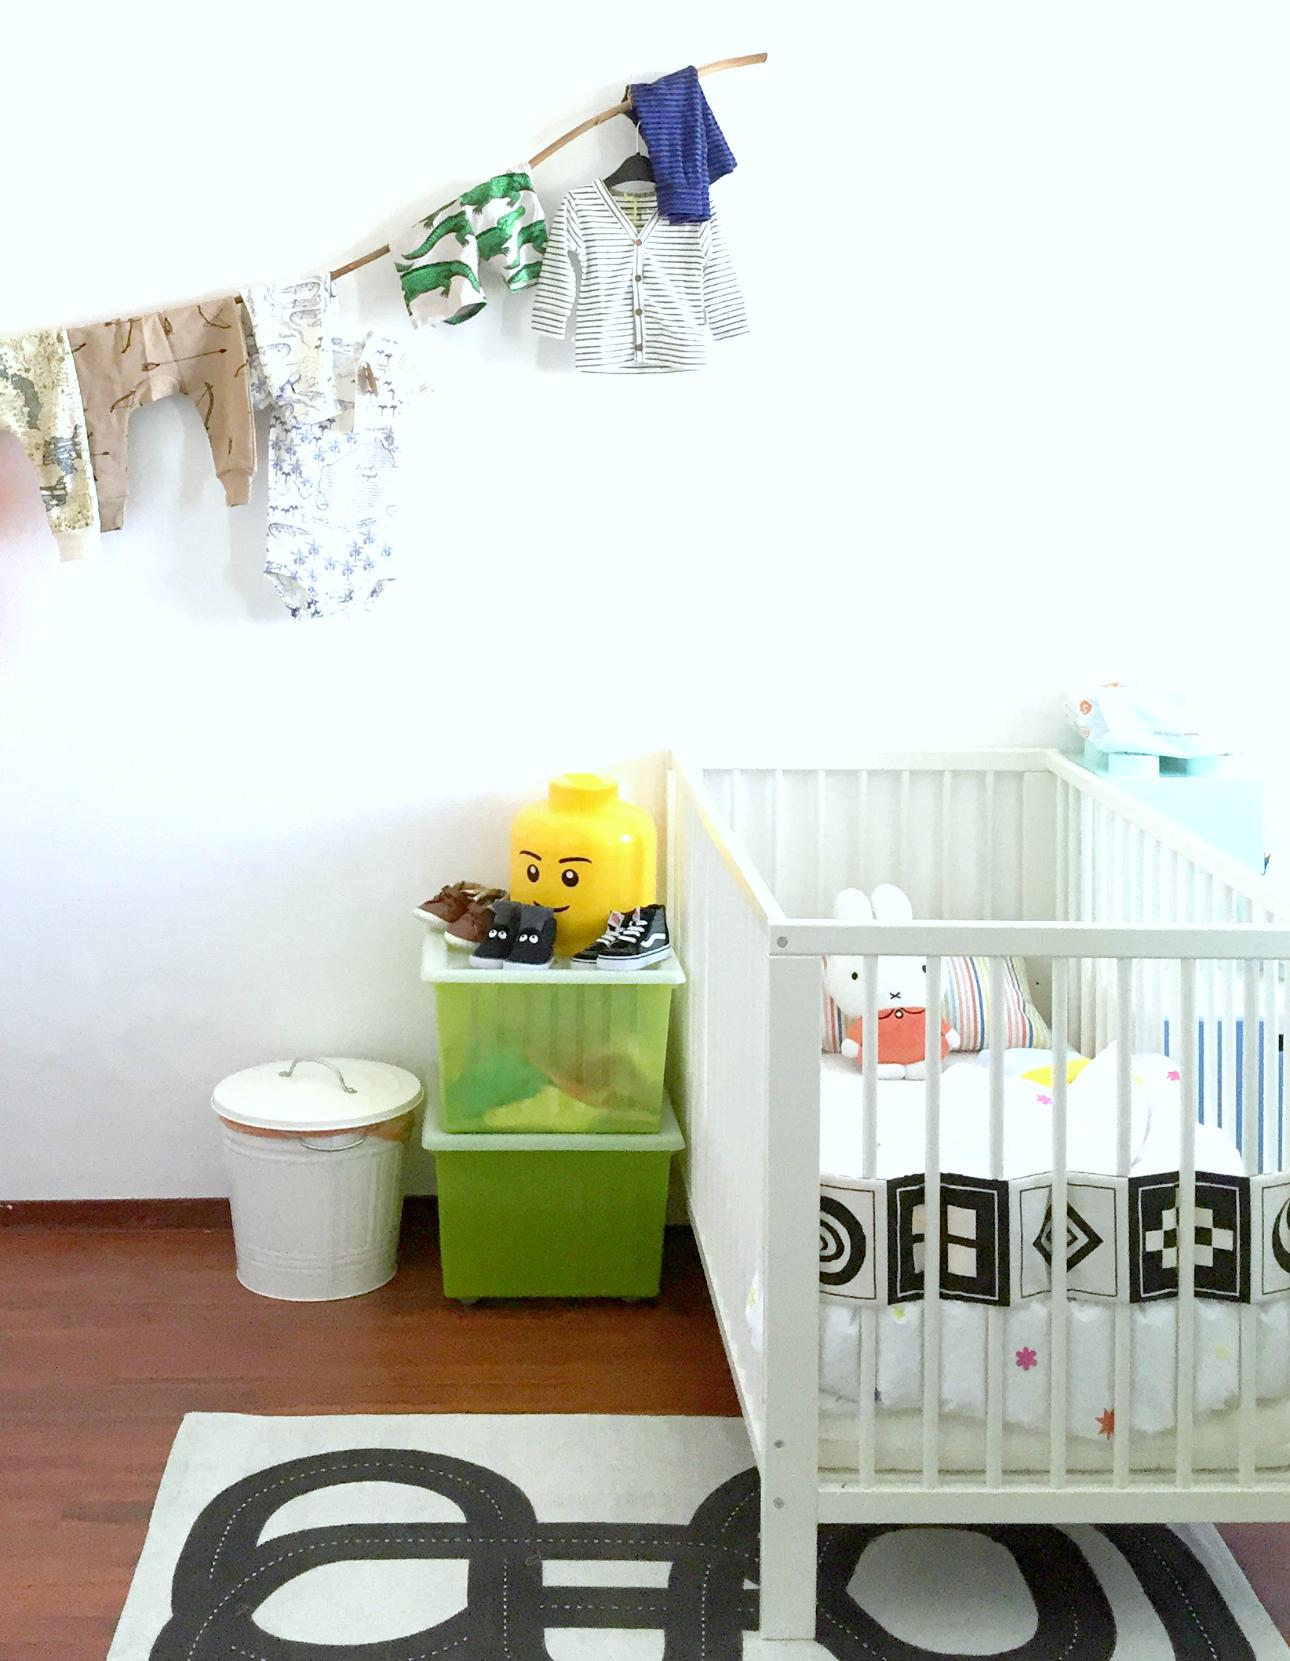 Kinderkamer ideeen: zwart wit vloerkleed   mamalifestyle.nl